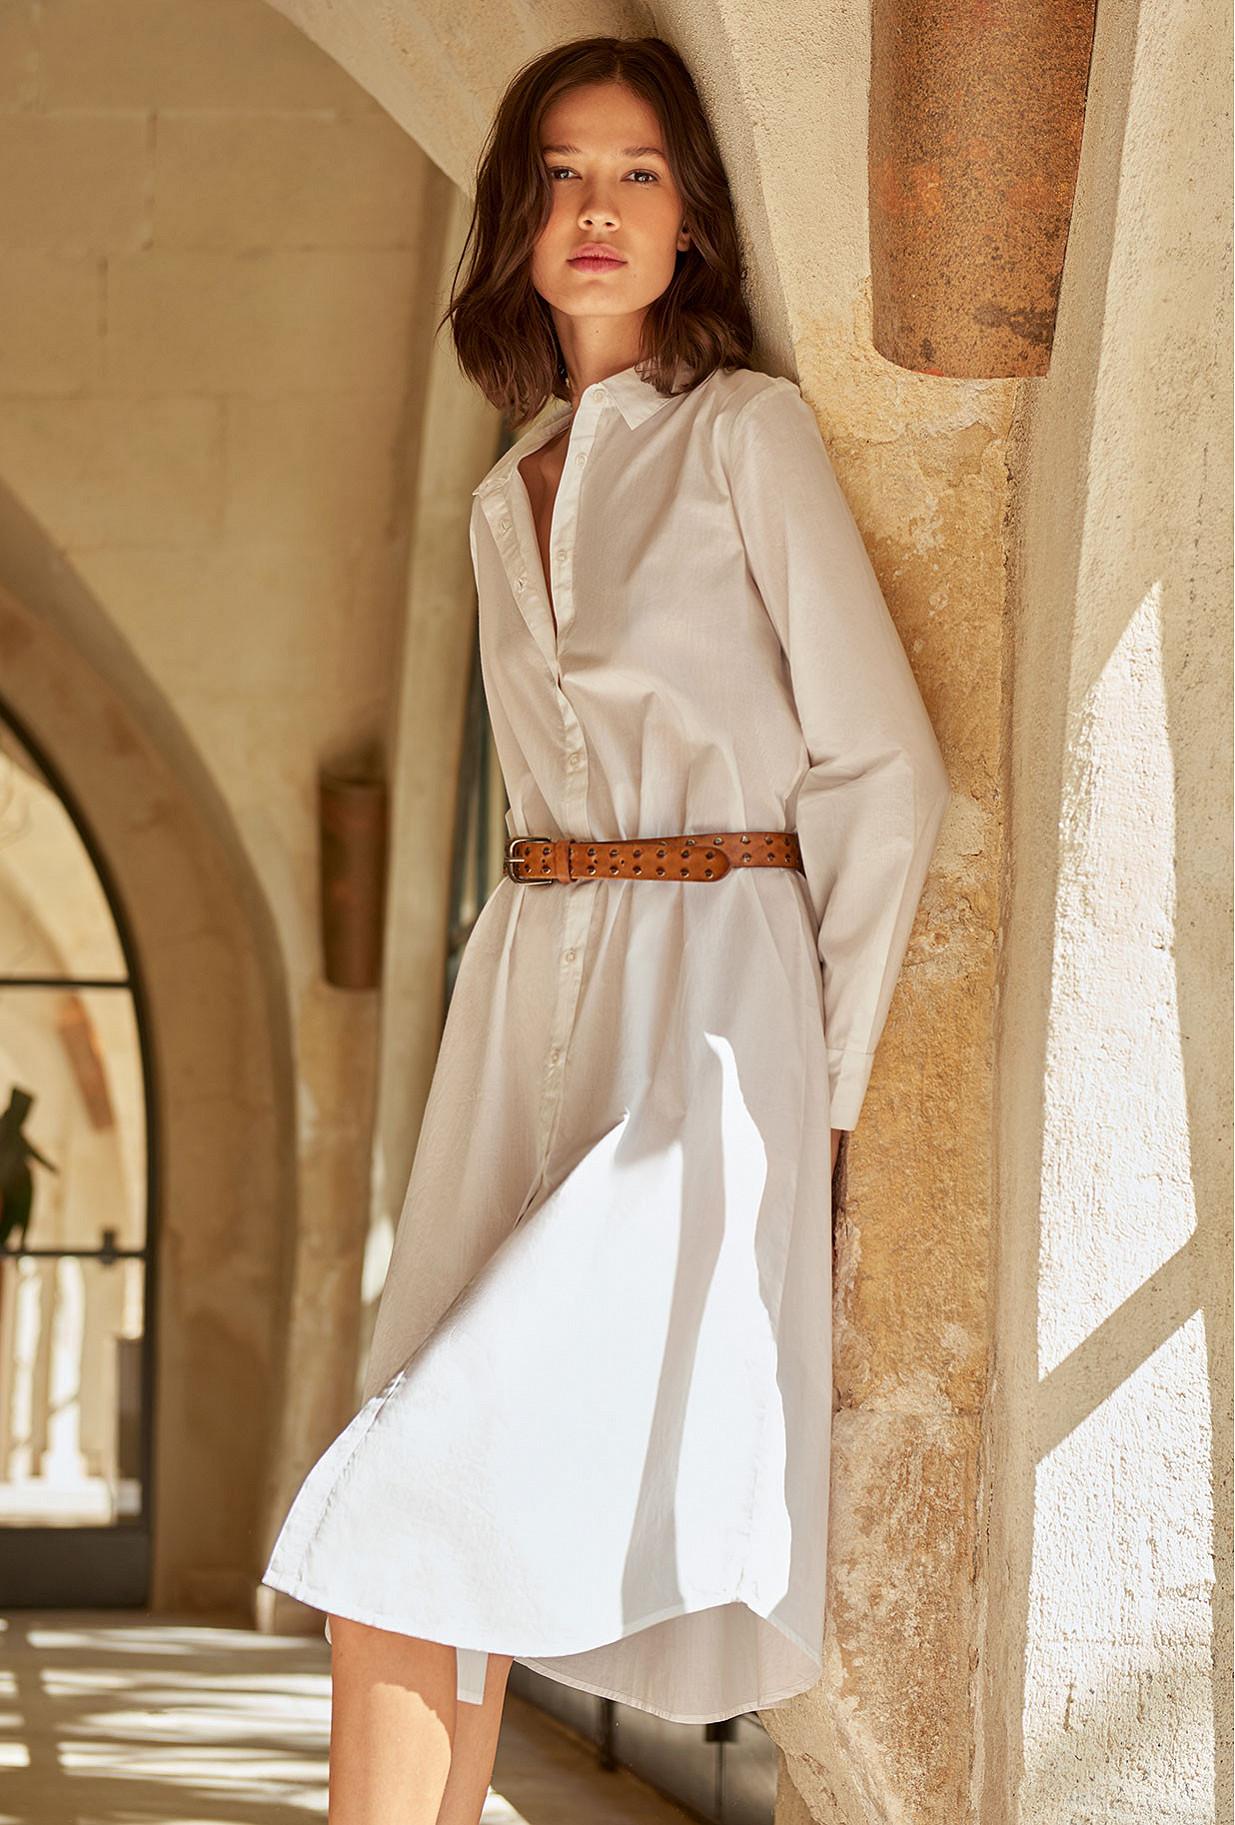 Chemise Blanc  Clotha mes demoiselles paris vêtement femme paris